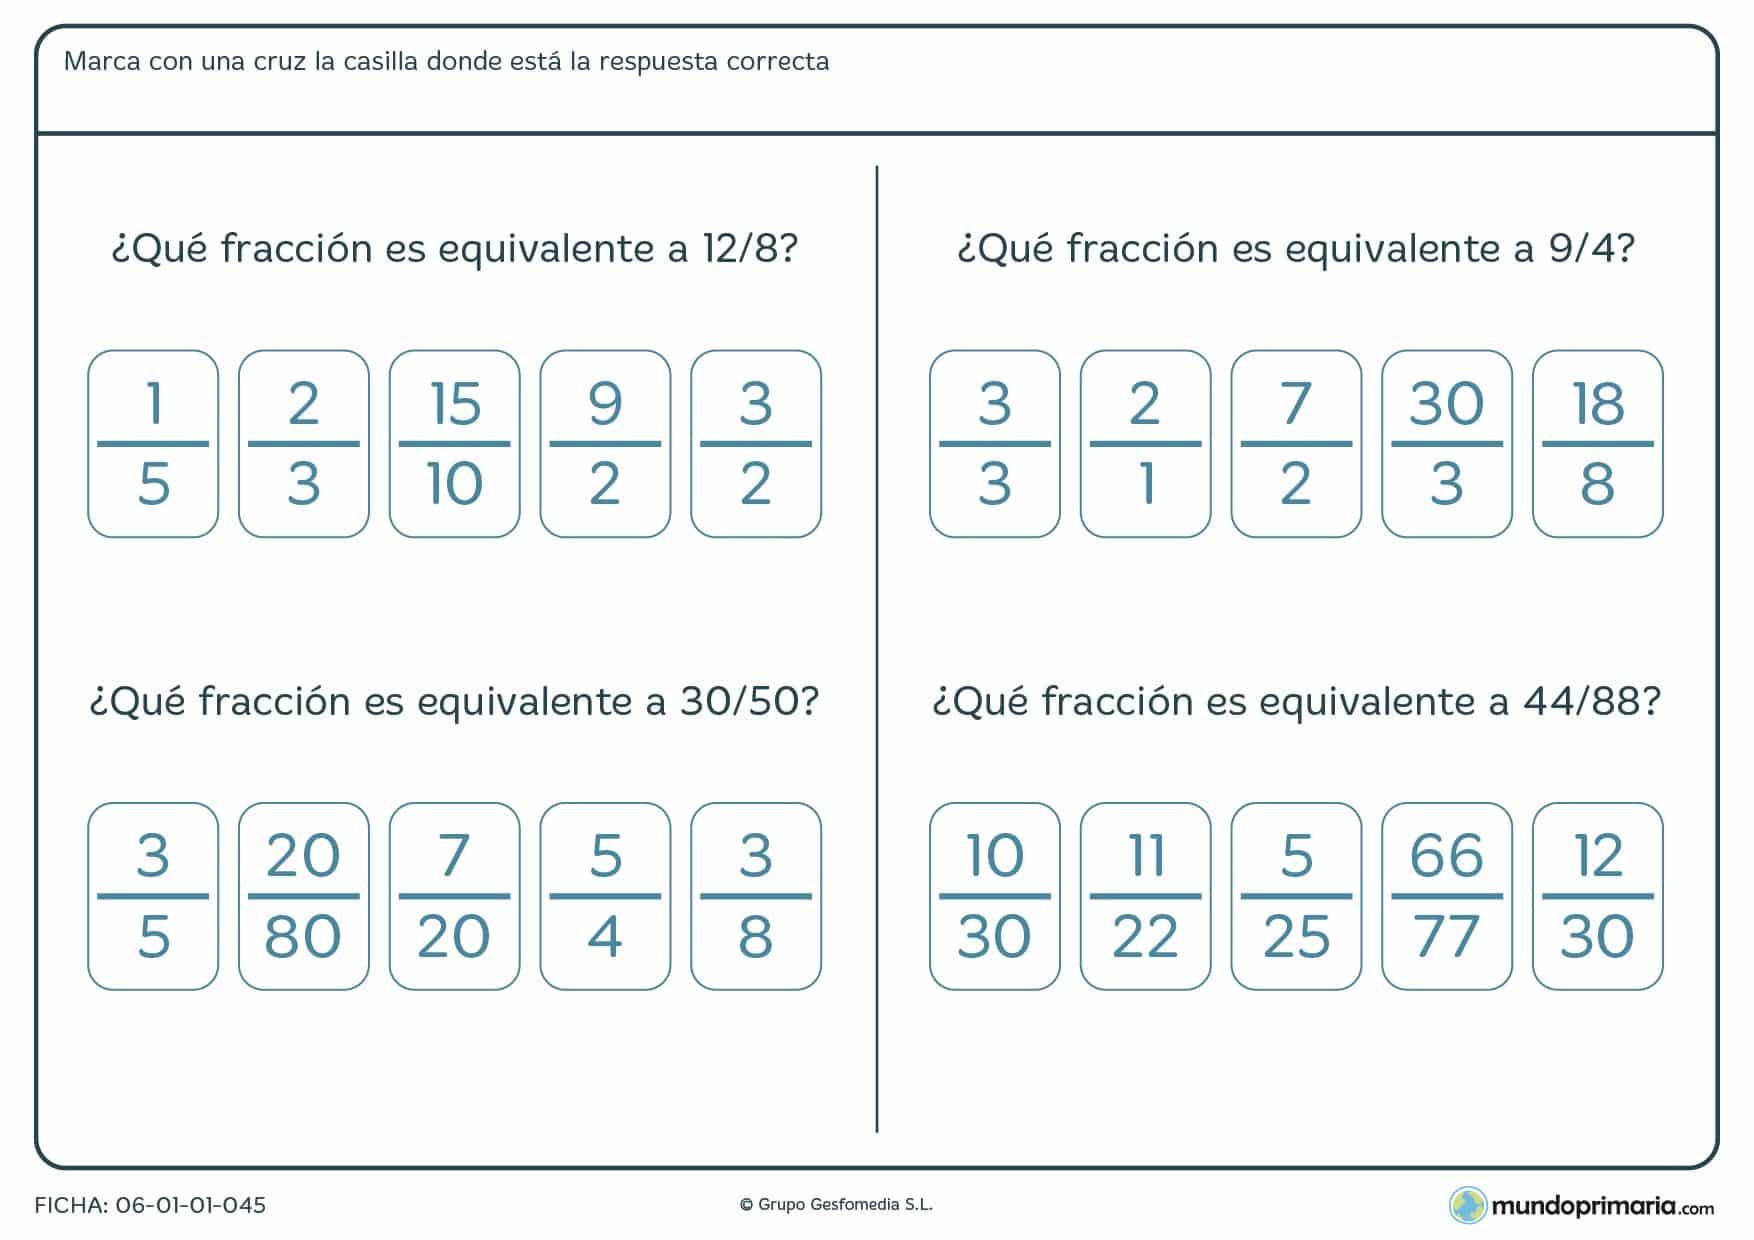 Ficha para cuarto de primaria consistente en hallar la fracción equivalente y marcarla con una cruz